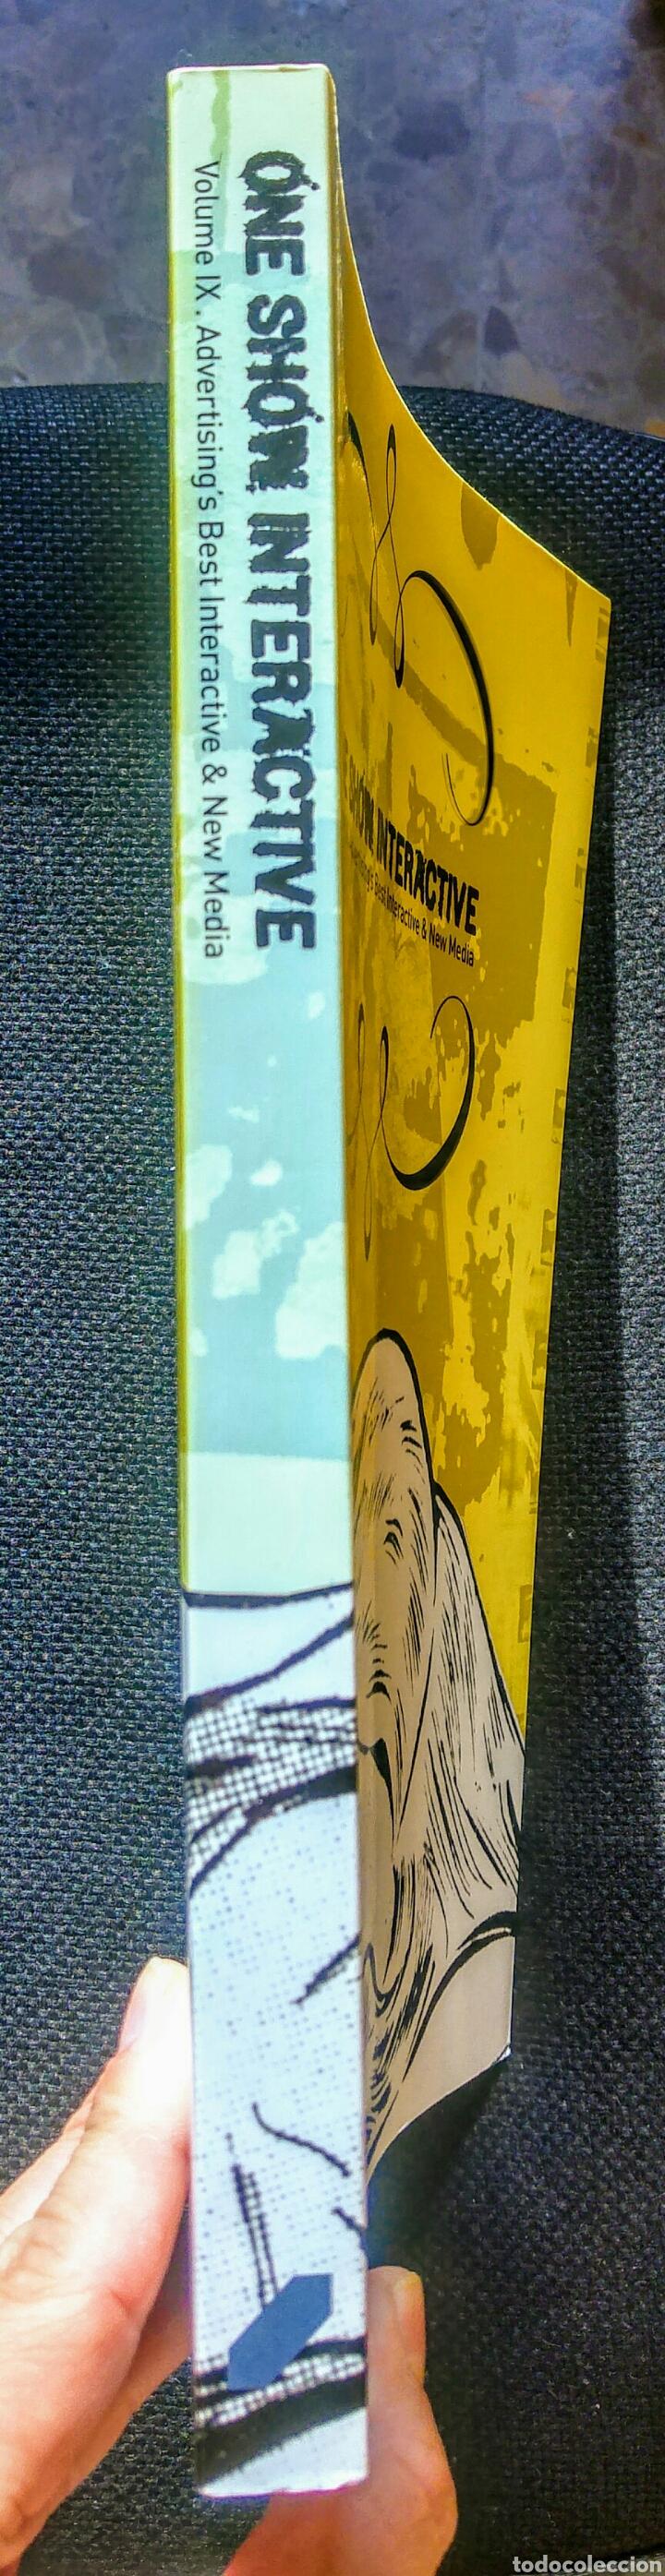 Libros antiguos: ONE SHOW INTERACTIVE VOL. 9 (2006) Libro de diseño publicidad y comunicación. Descatalogado. - Foto 3 - 90428749